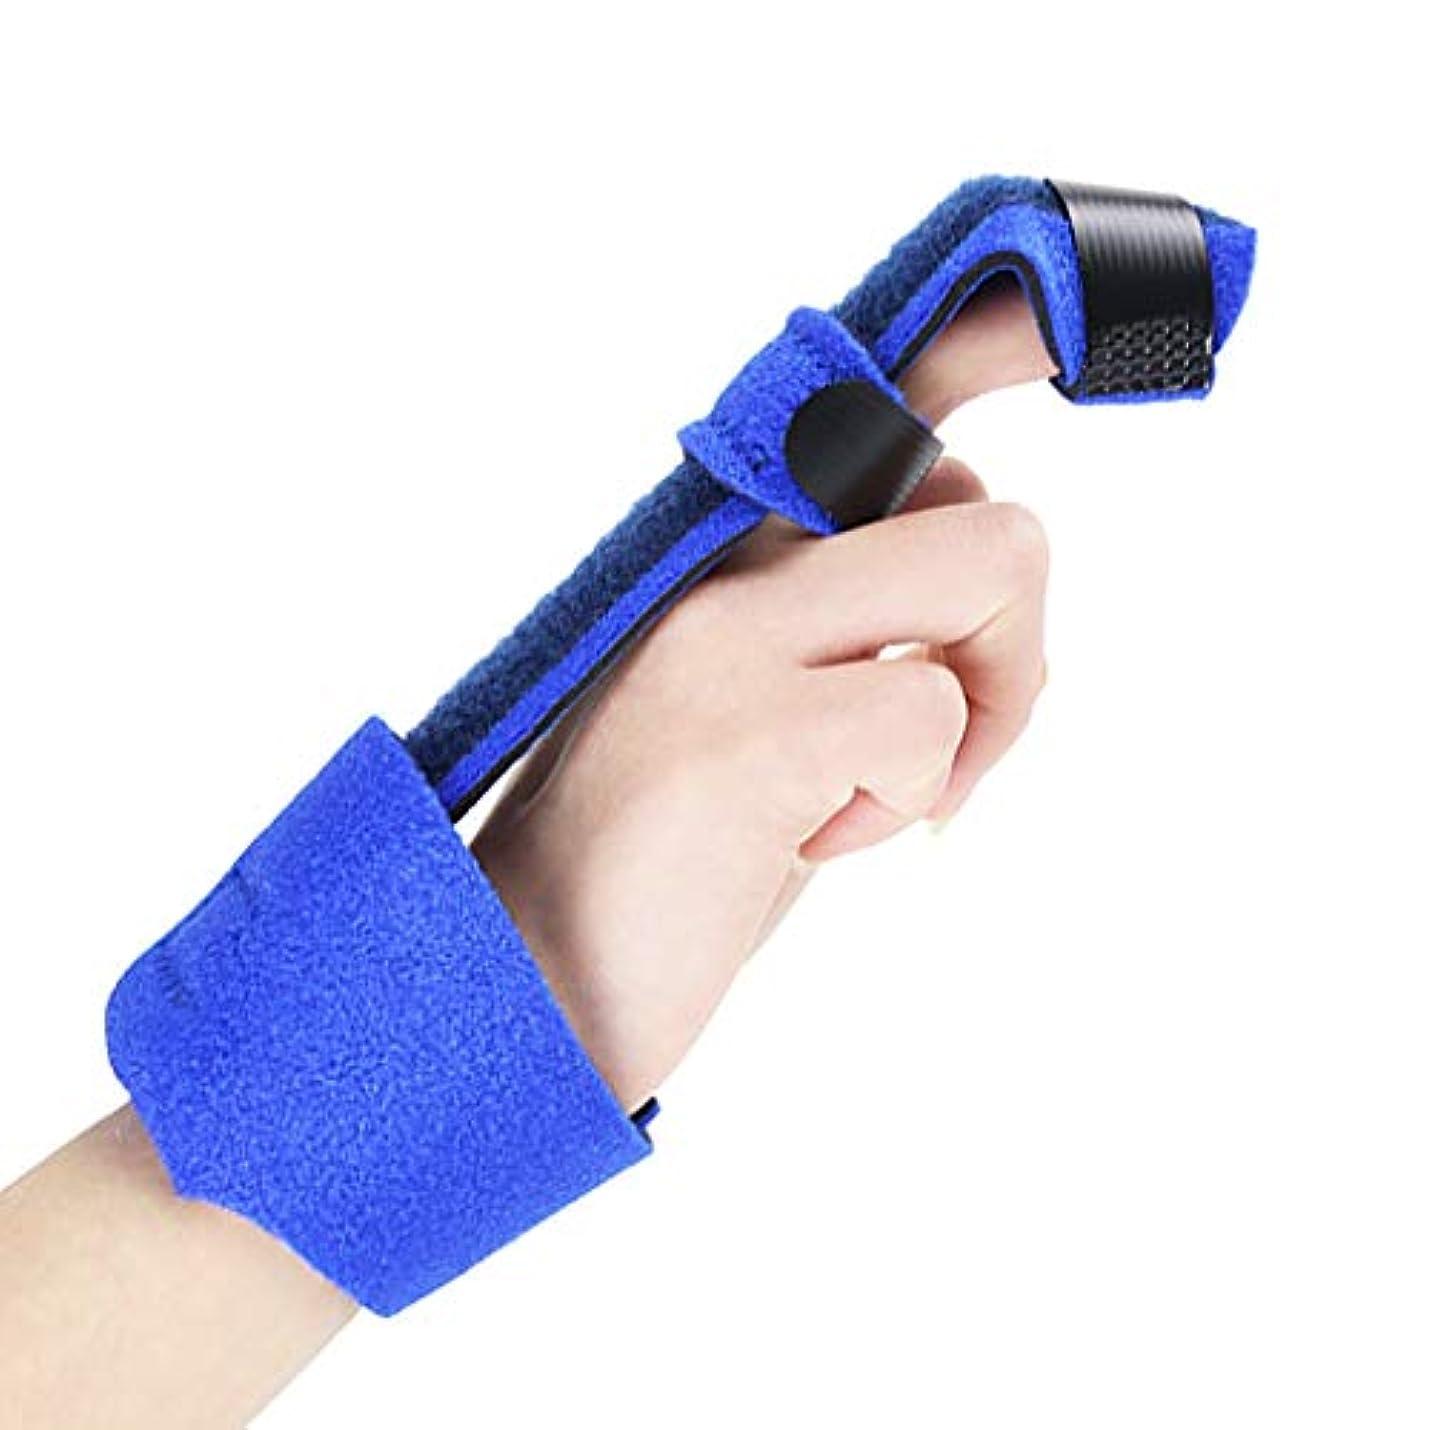 なめらか望むストライプ指の装具 - 調節可能な指の救助のリハビリテーションのベルト、関節炎の腱炎の捻挫の苦痛固定副木のリハビリテーション装置,1pcs